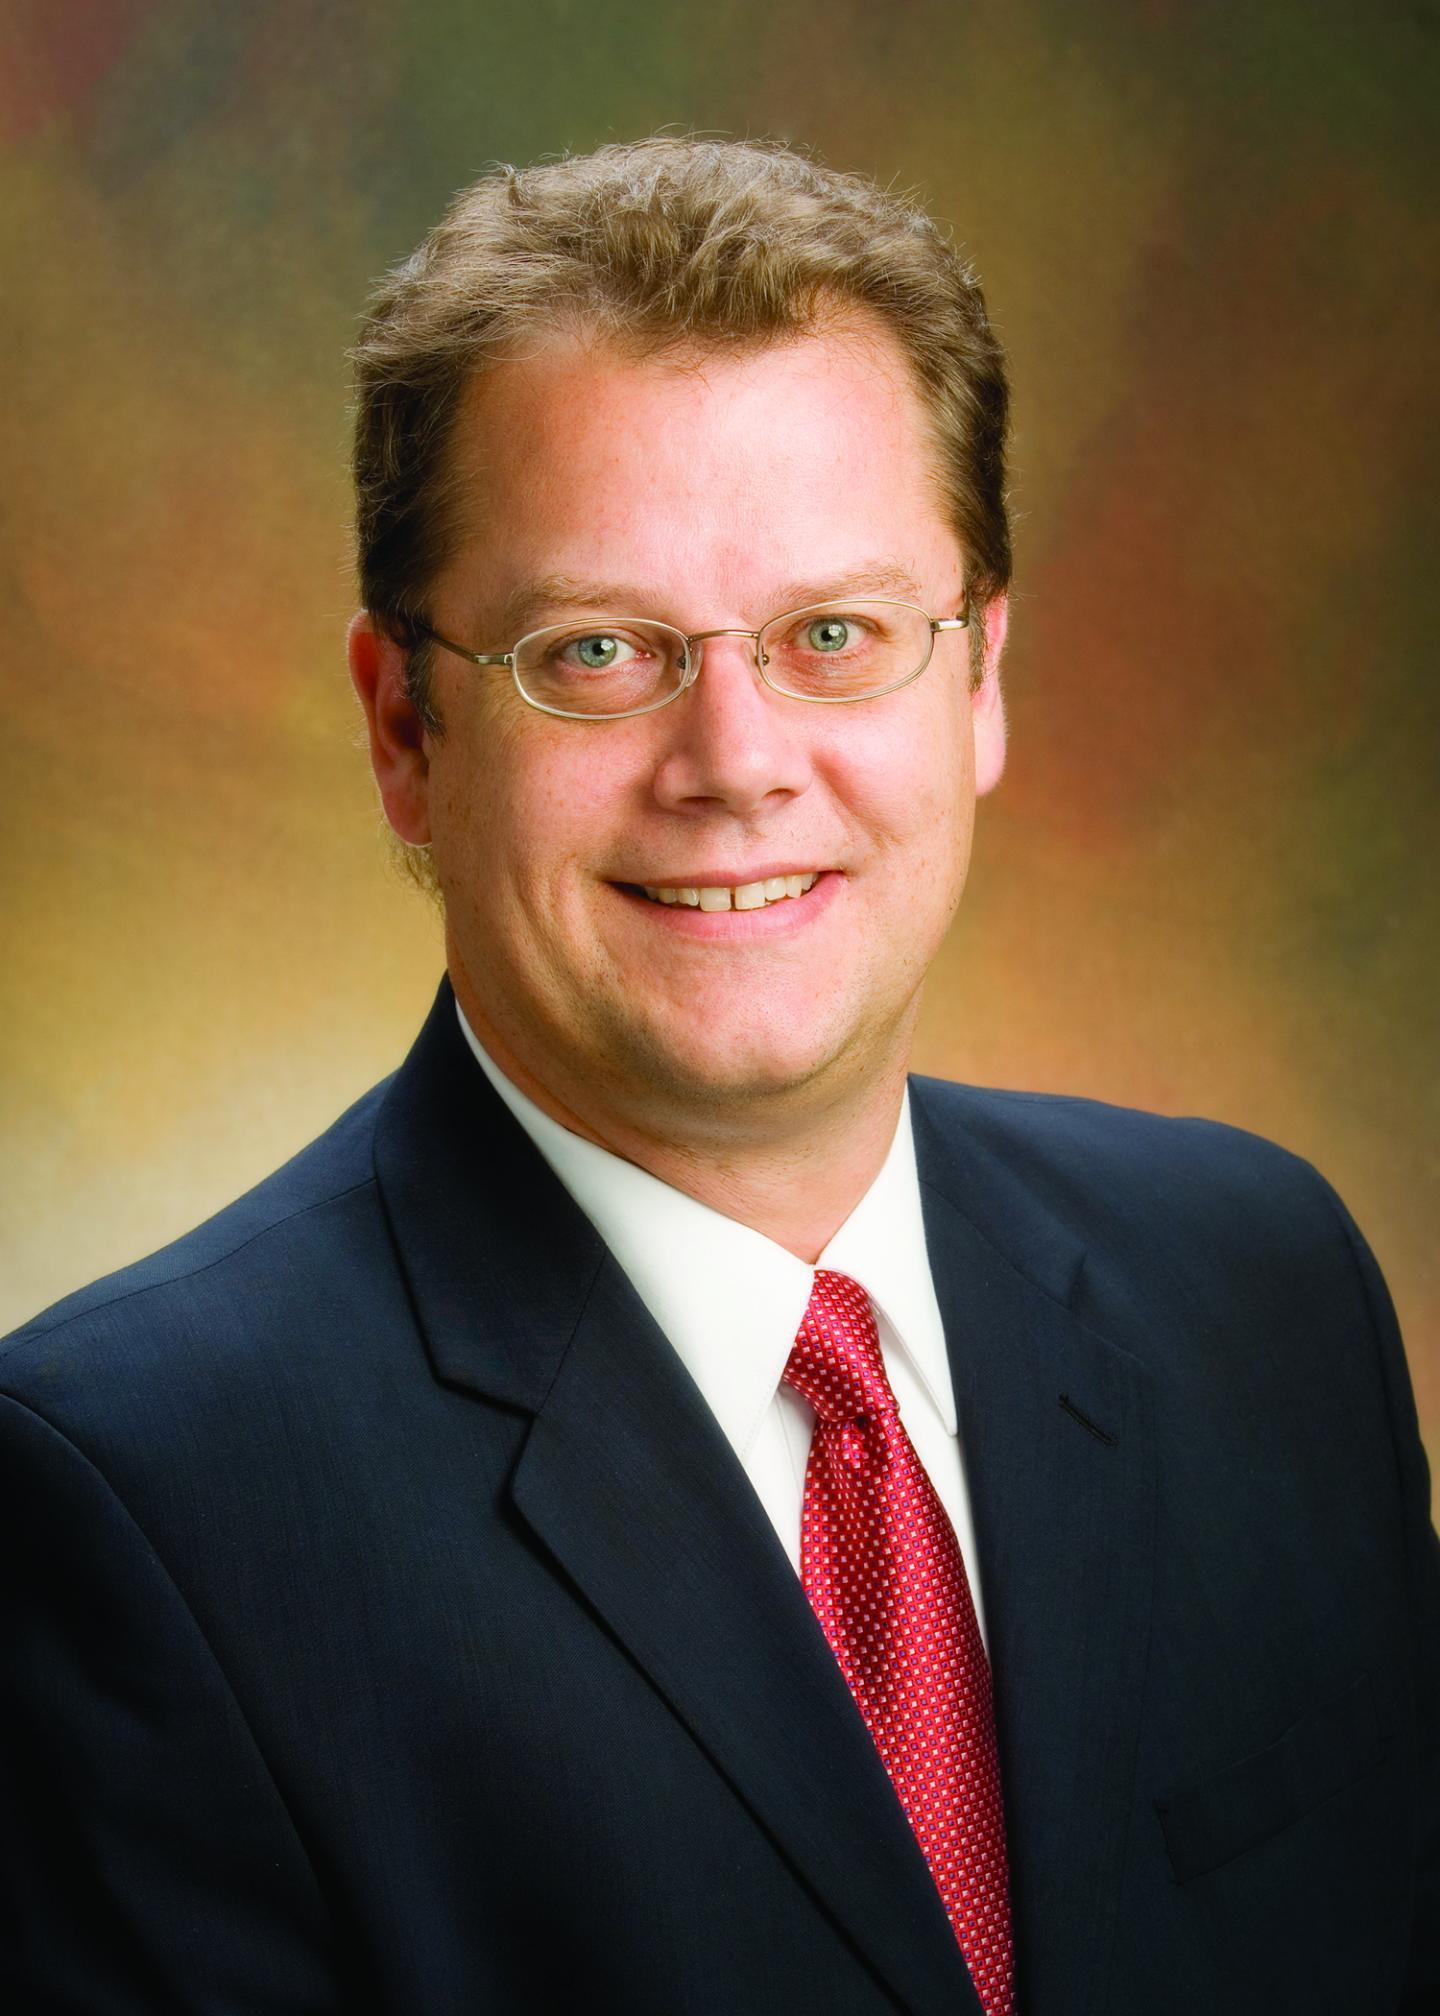 Dr. Robert Schultz, Children's Hospital of Philadelphia